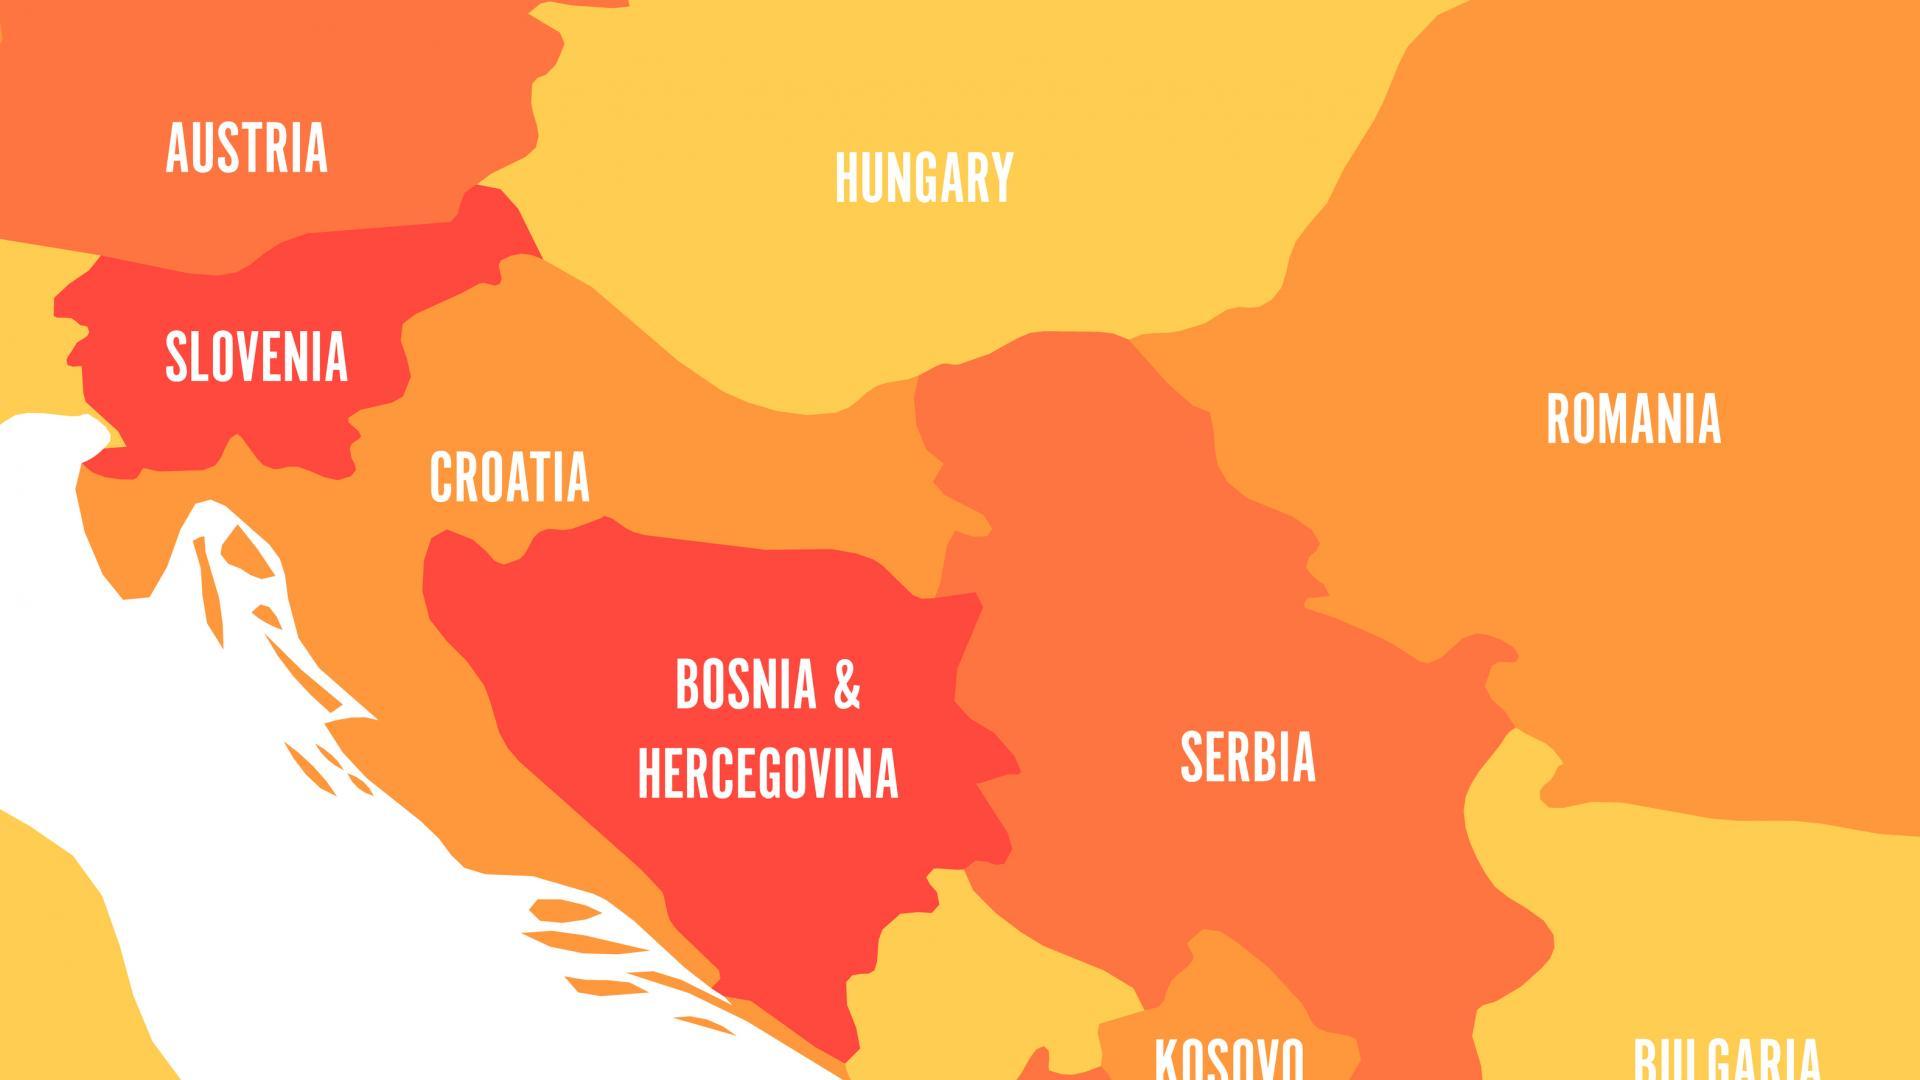 Австрия: Промяна в границите на Балканите е опасна идея